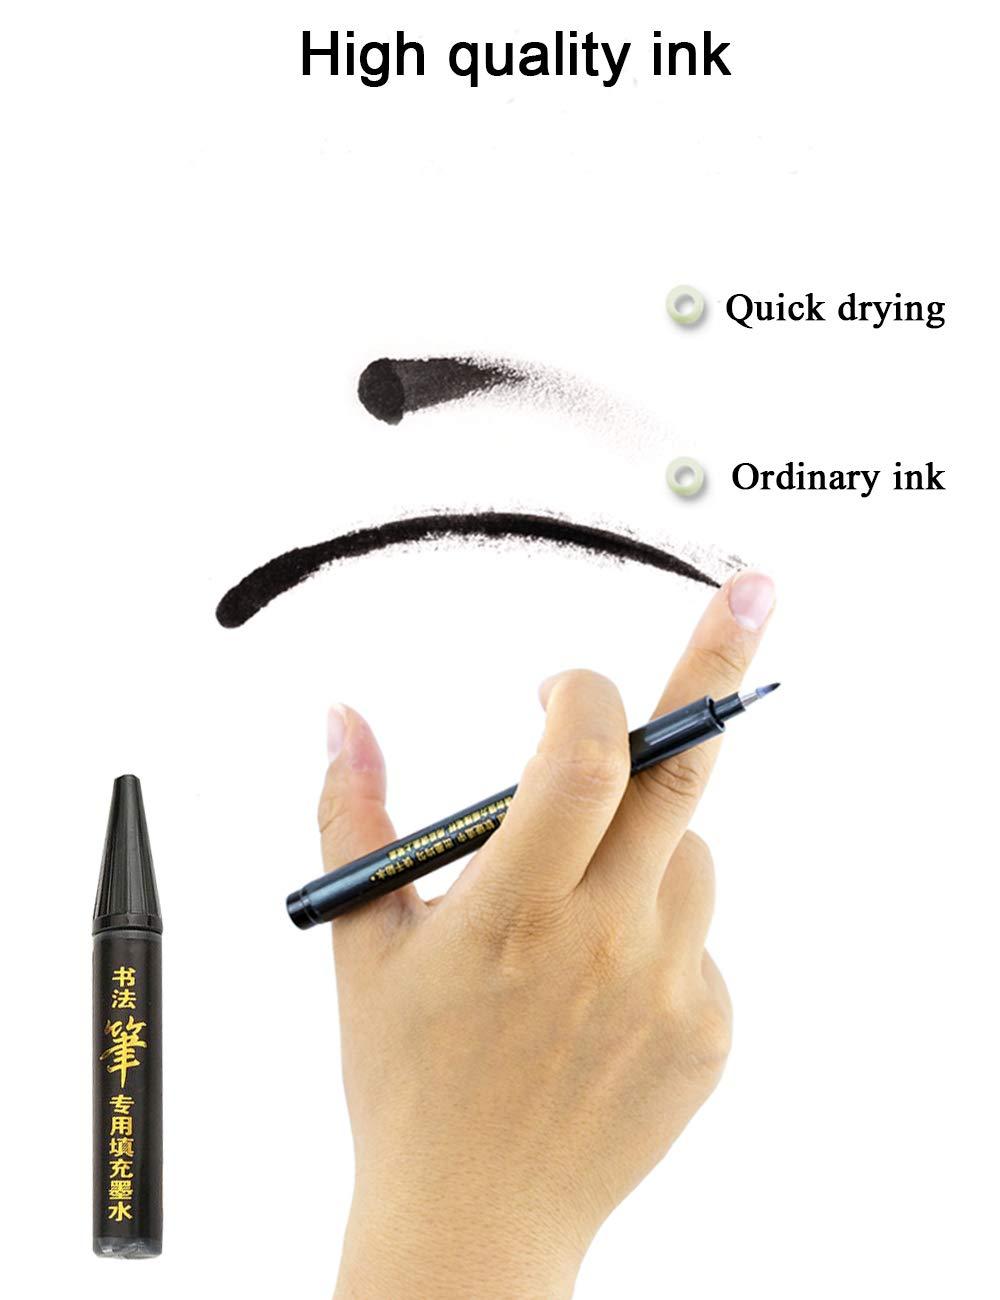 Stylo de Calligraphie Stylos Pinceaux Rechargable Noir Feutre /à Pinceau Souple 4Taille Diff/érentes avec 1Poche d/'Encre pour Manga Dessin Conquis etc